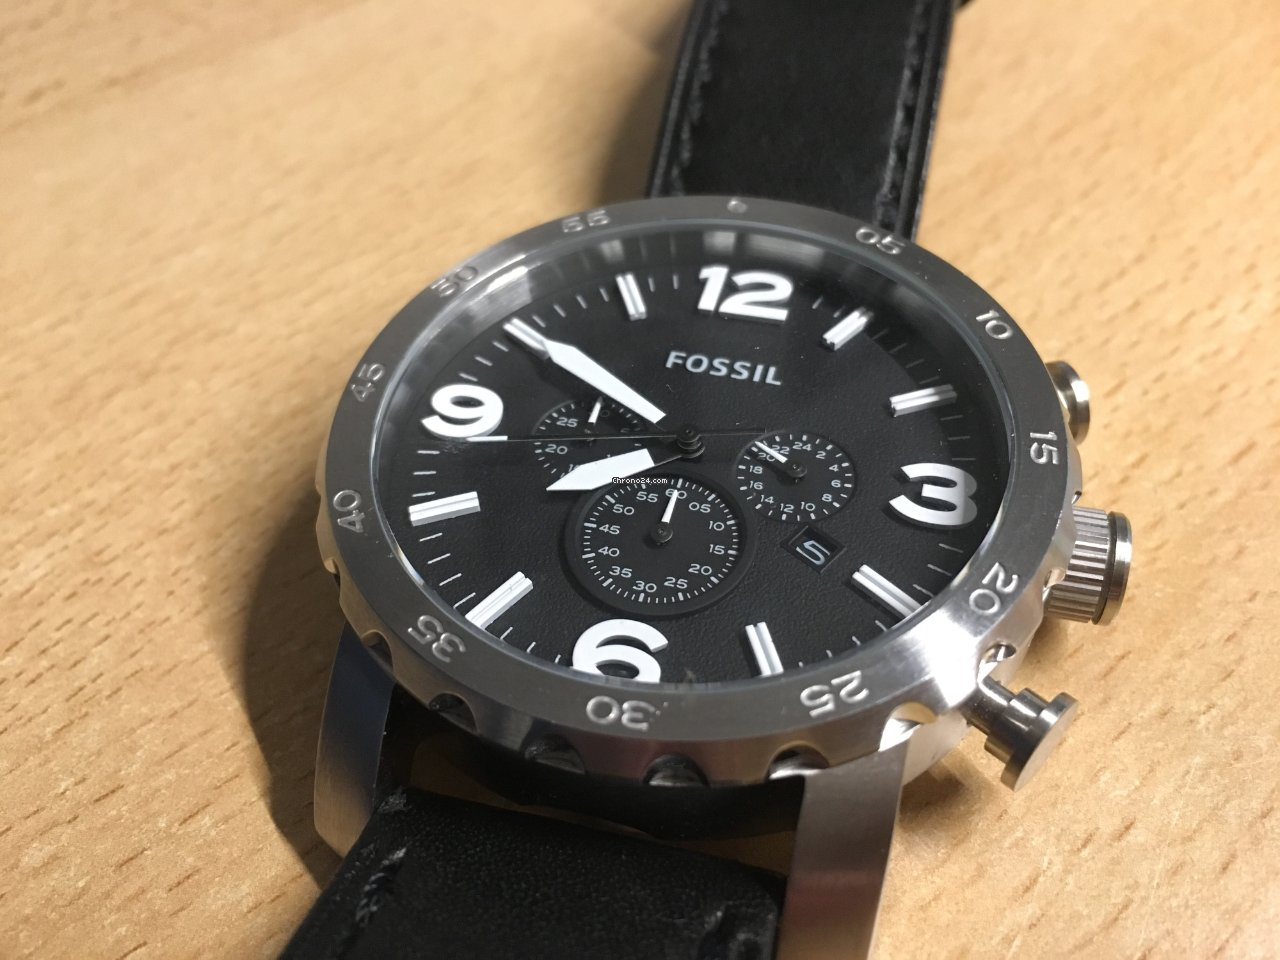 58ee32a0839d Relojes Fossil - Precios de todos los relojes Fossil en Chrono24